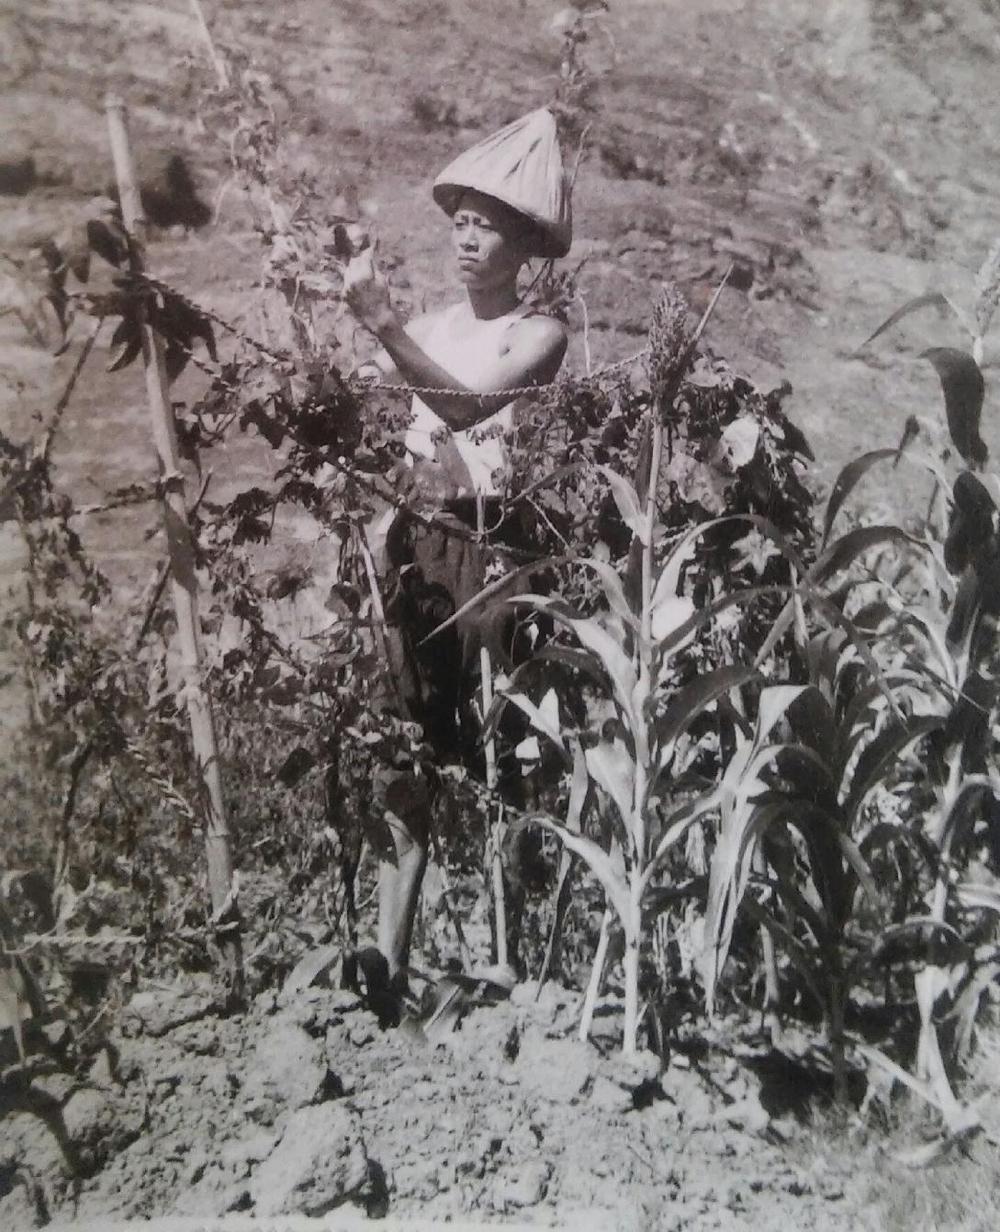 """陈老师曾经在江西省的一个偏僻地区""""接受再教育"""",1969年"""